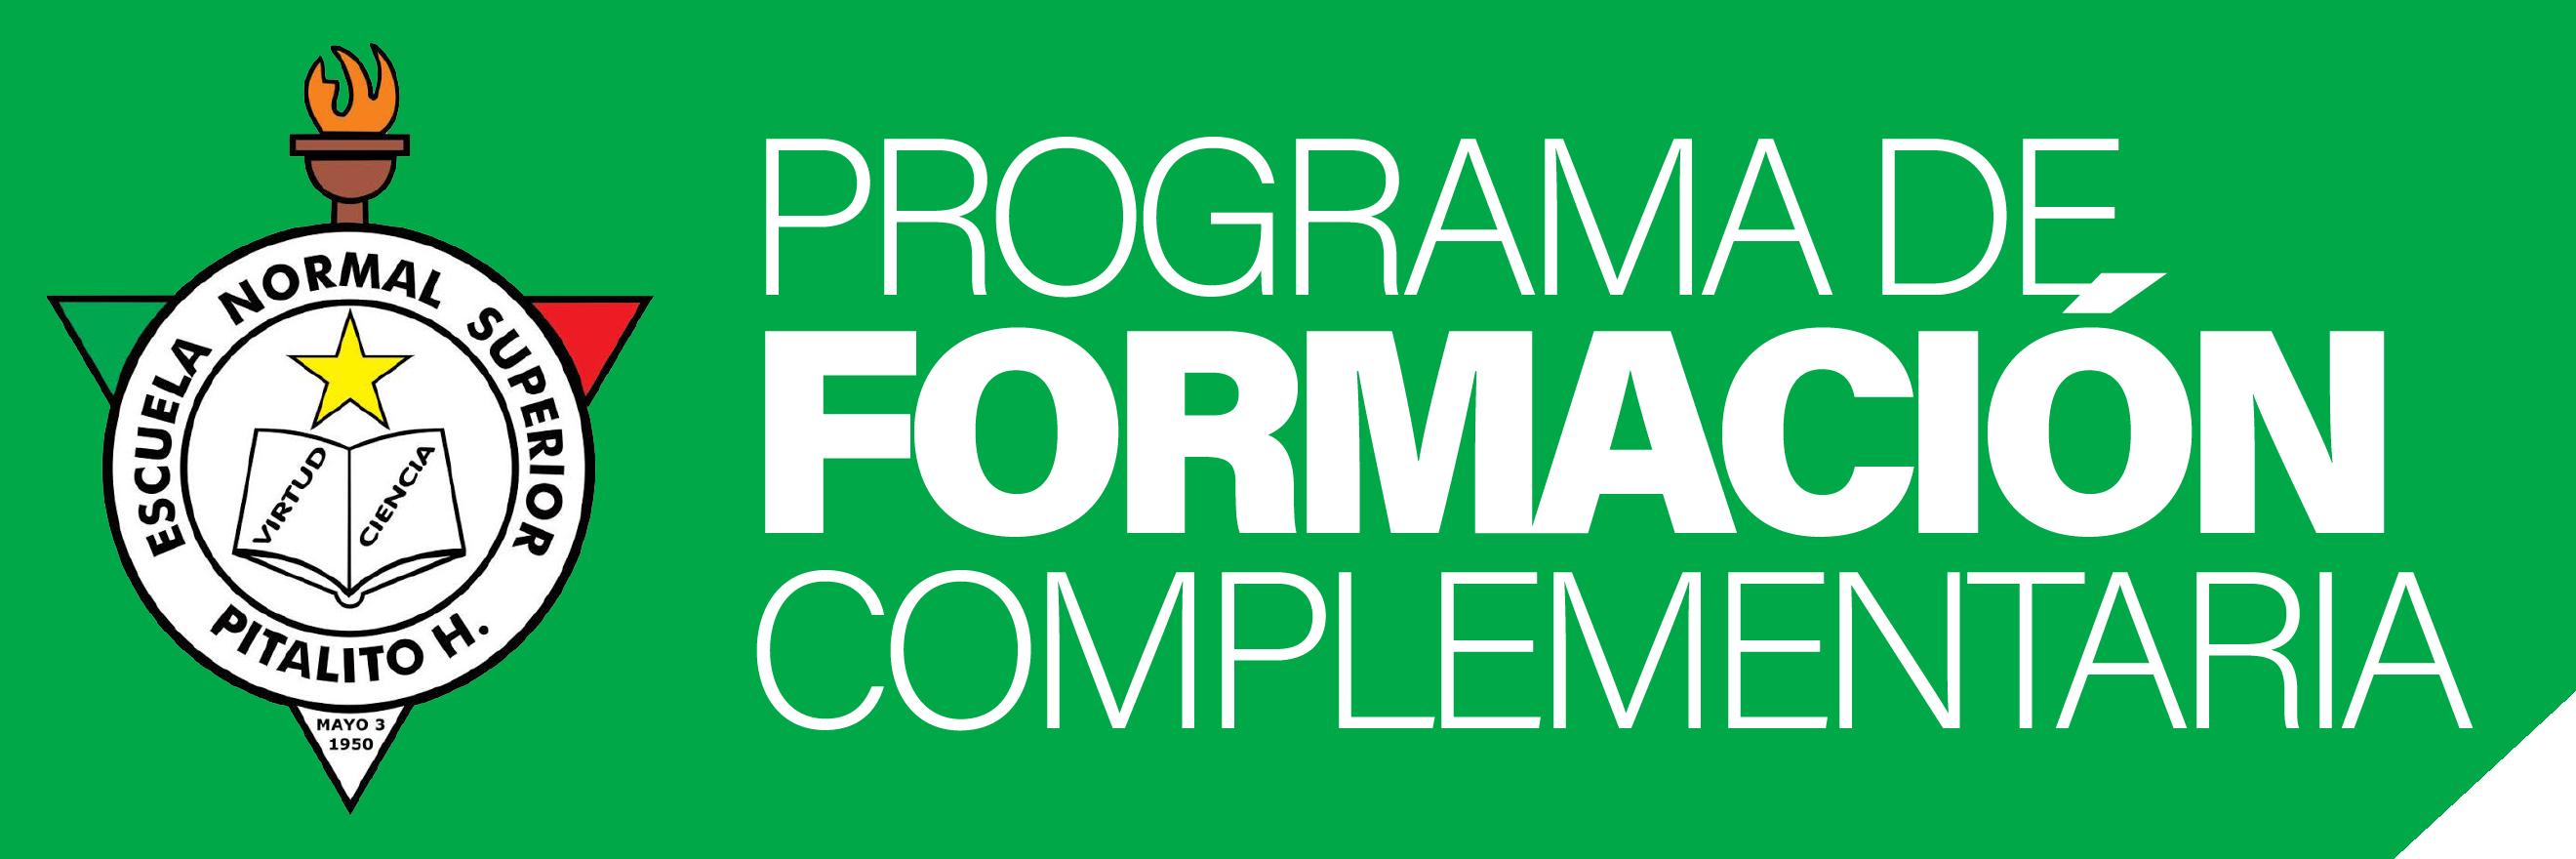 Programa Formación Complementaria Logo